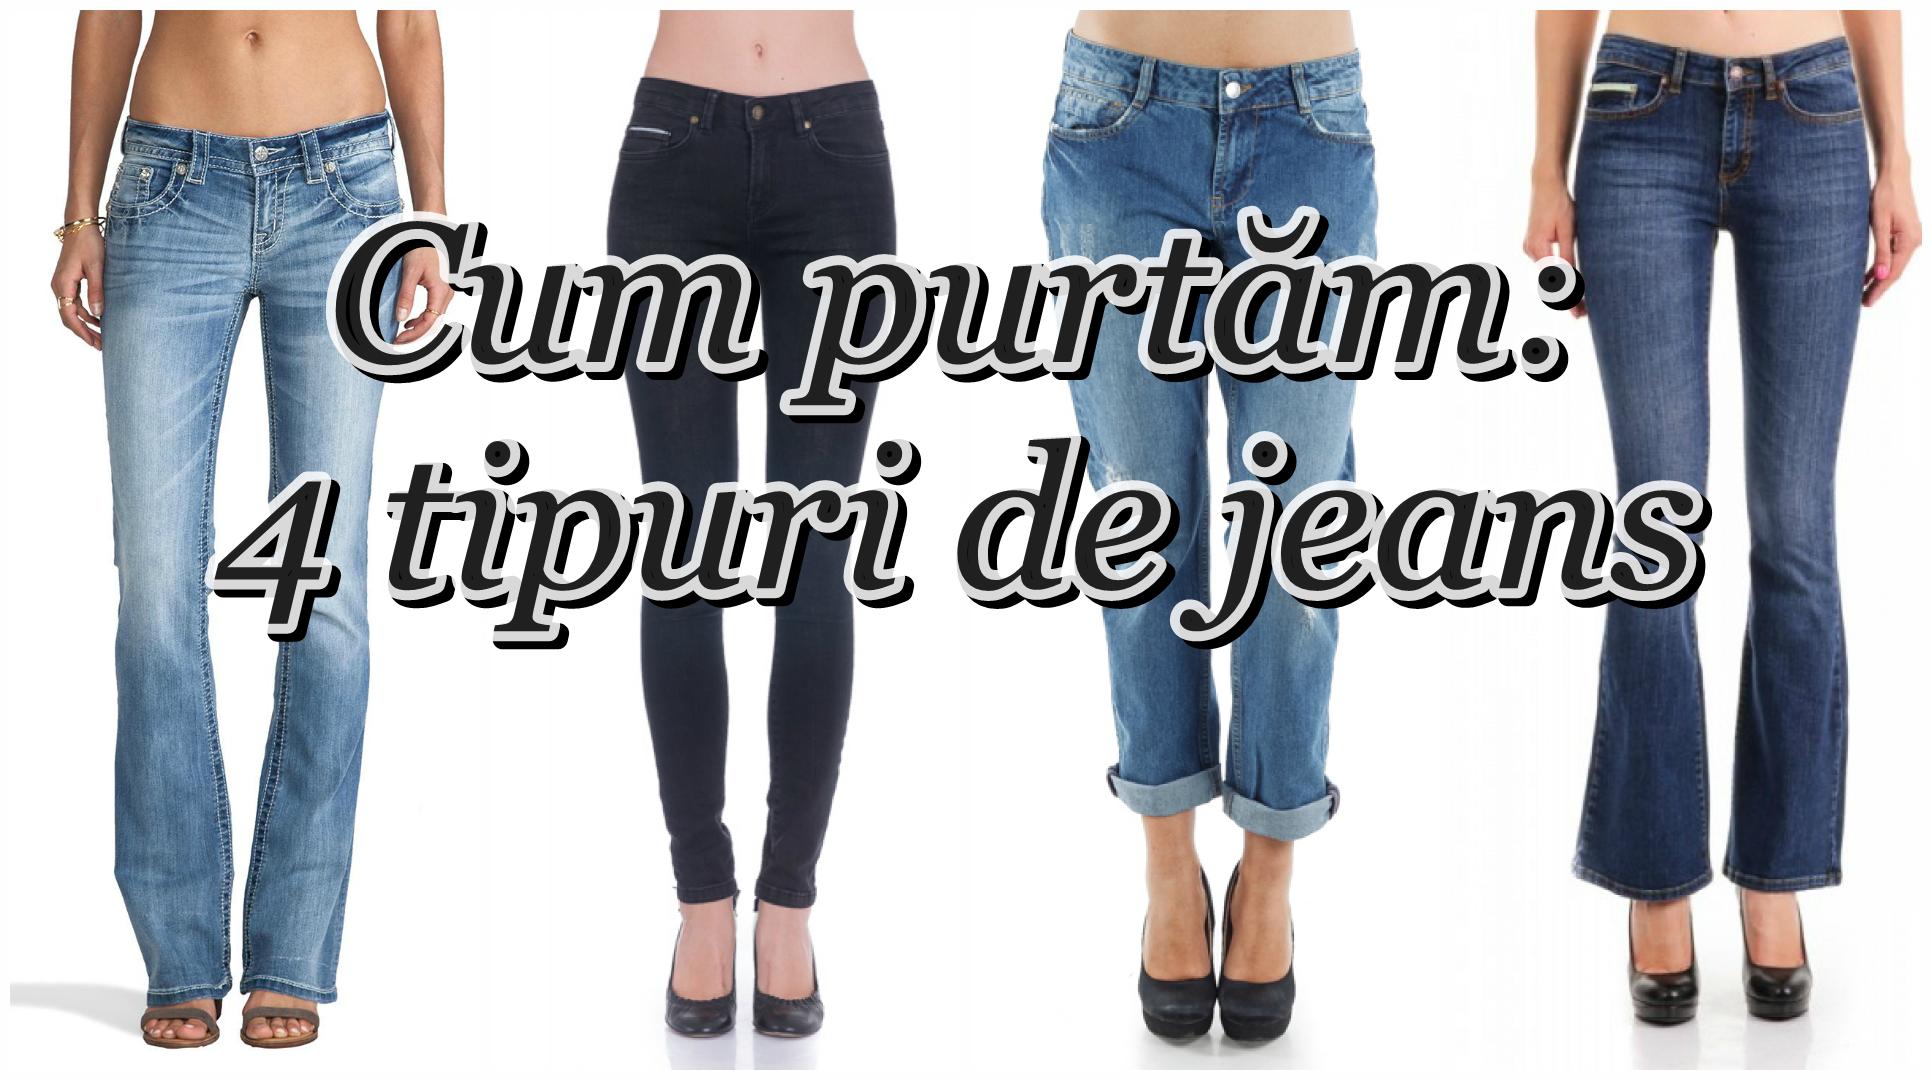 4 tipuri de jeans fashionup